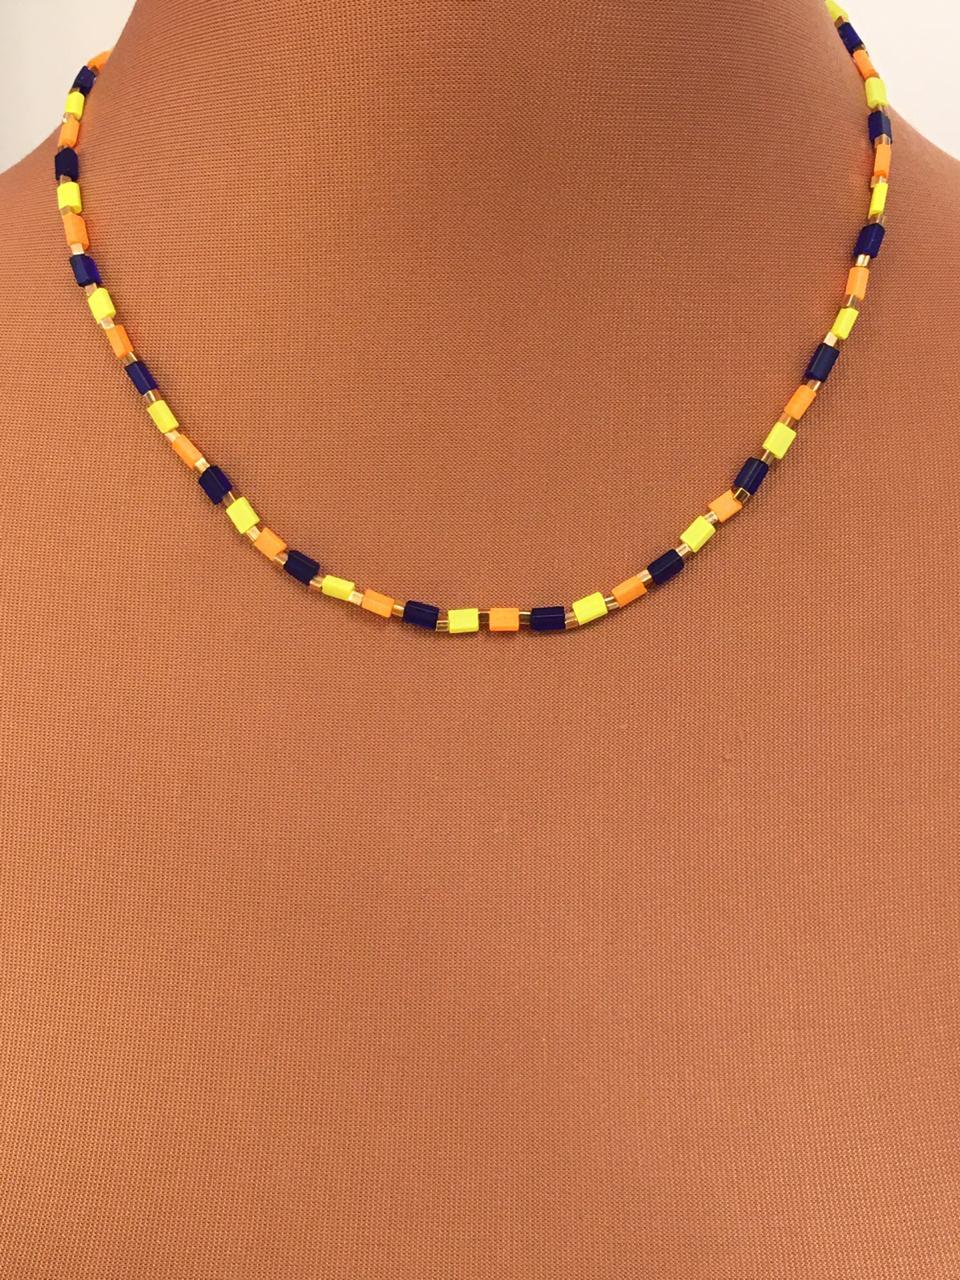 Colar Folheado Dourado canutilho azul laranja e amarelo | CF302